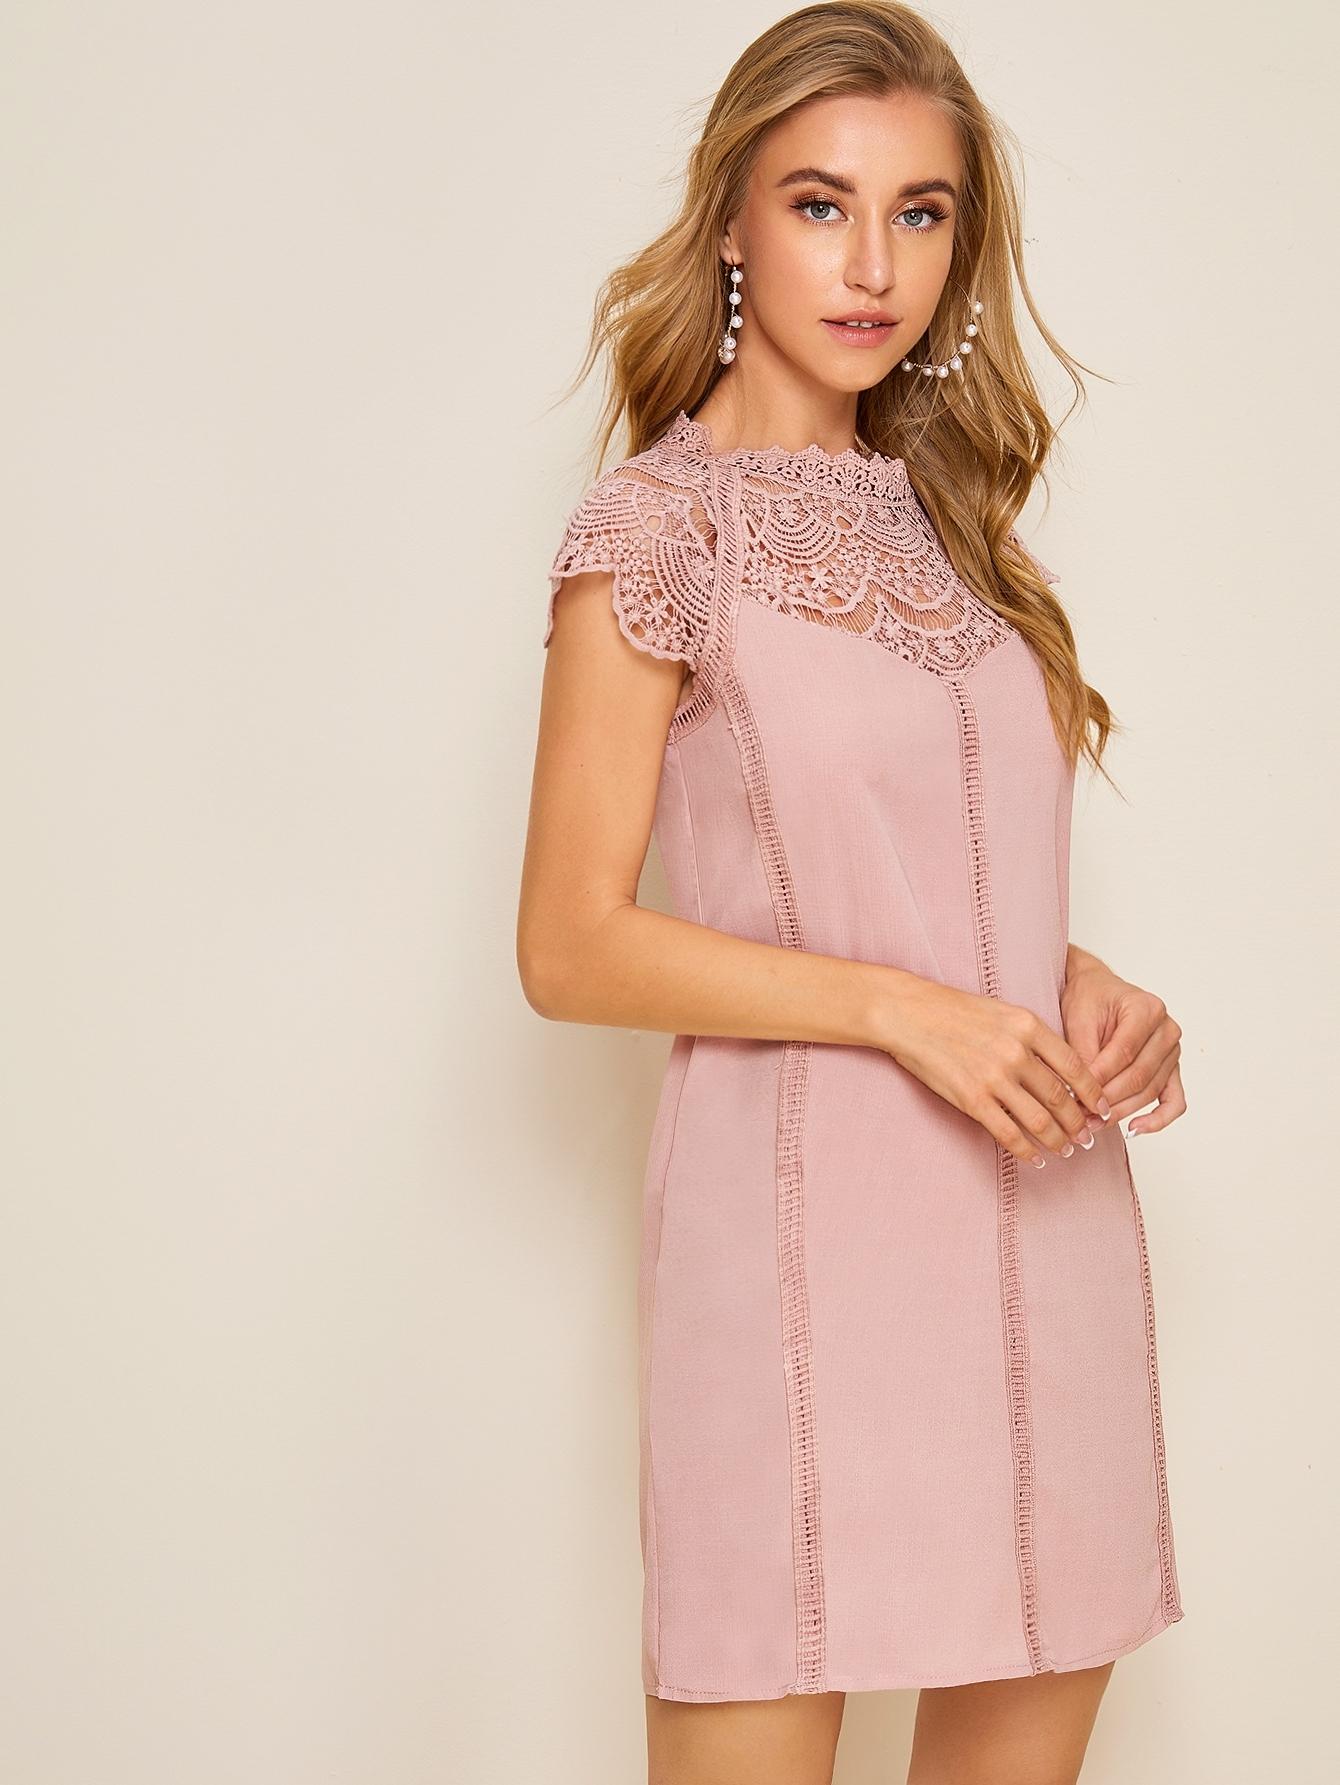 Фото - Платье с кружевом и застежкой сзади от SheIn цвет розовые